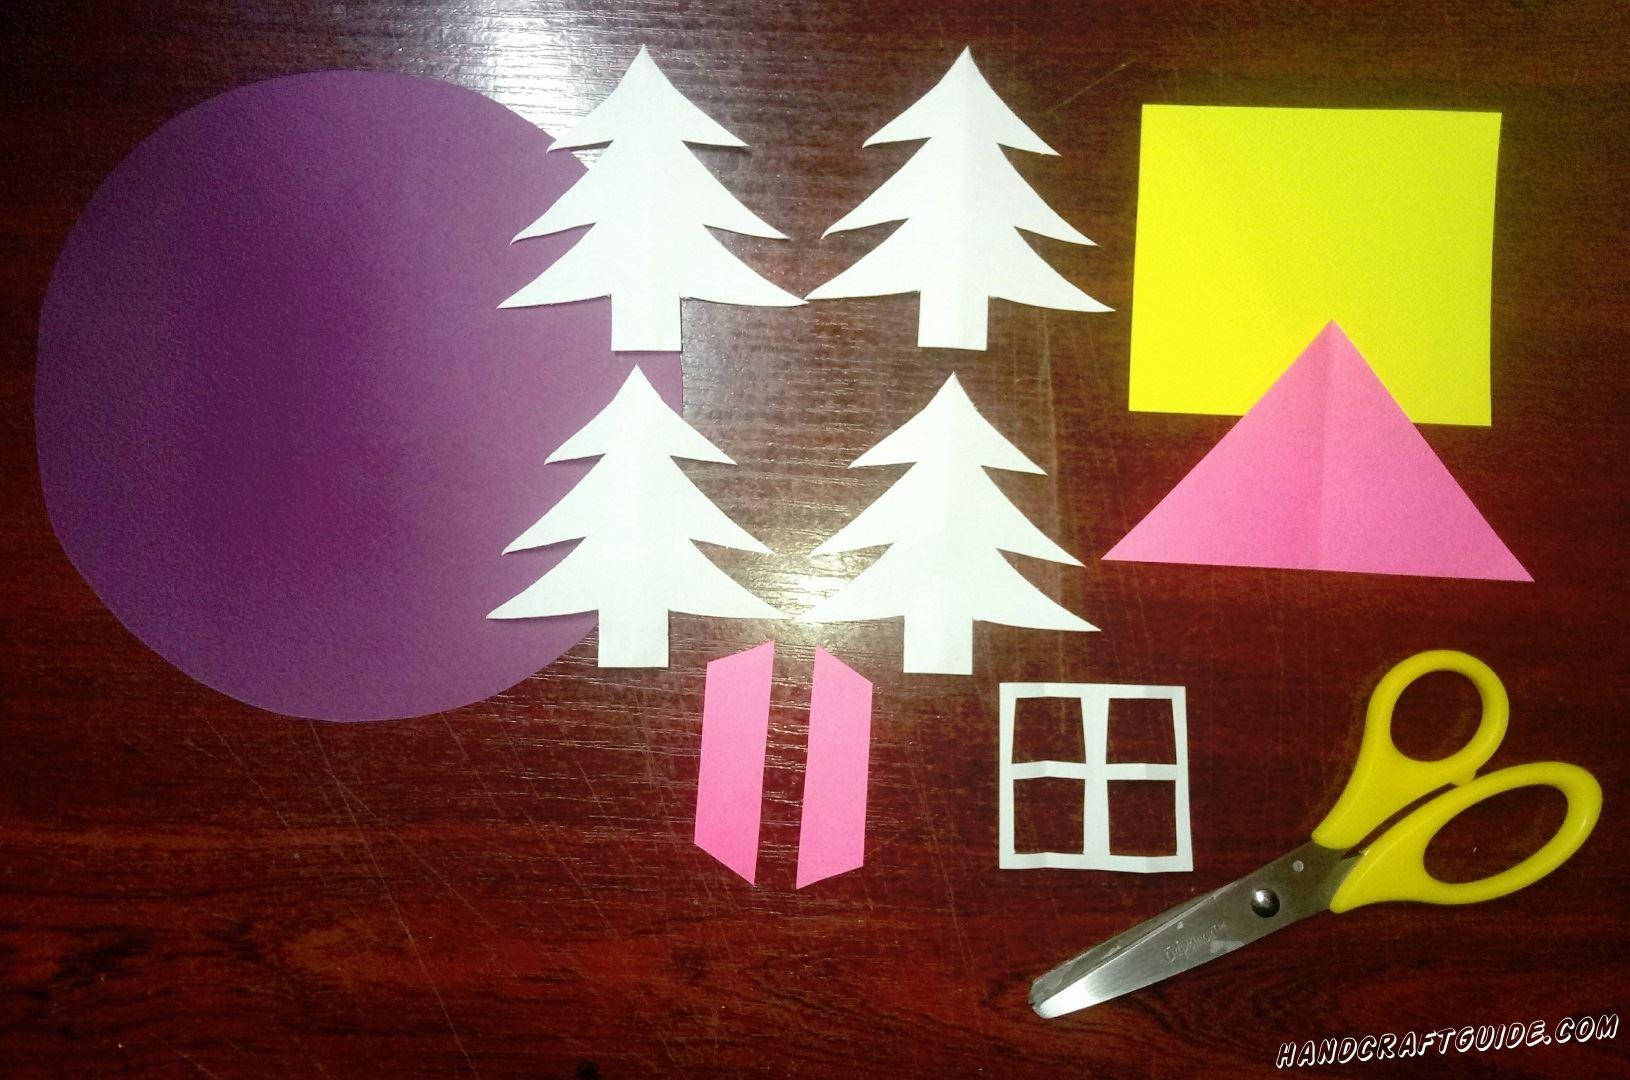 Для начала, мы вырезаем четыре одинаковые ёлочки и окошко из белой бумаги, две ставни и крышу розового цвета, а также квадратный домик из жёлтой бумаги и большой фиолетовый круг